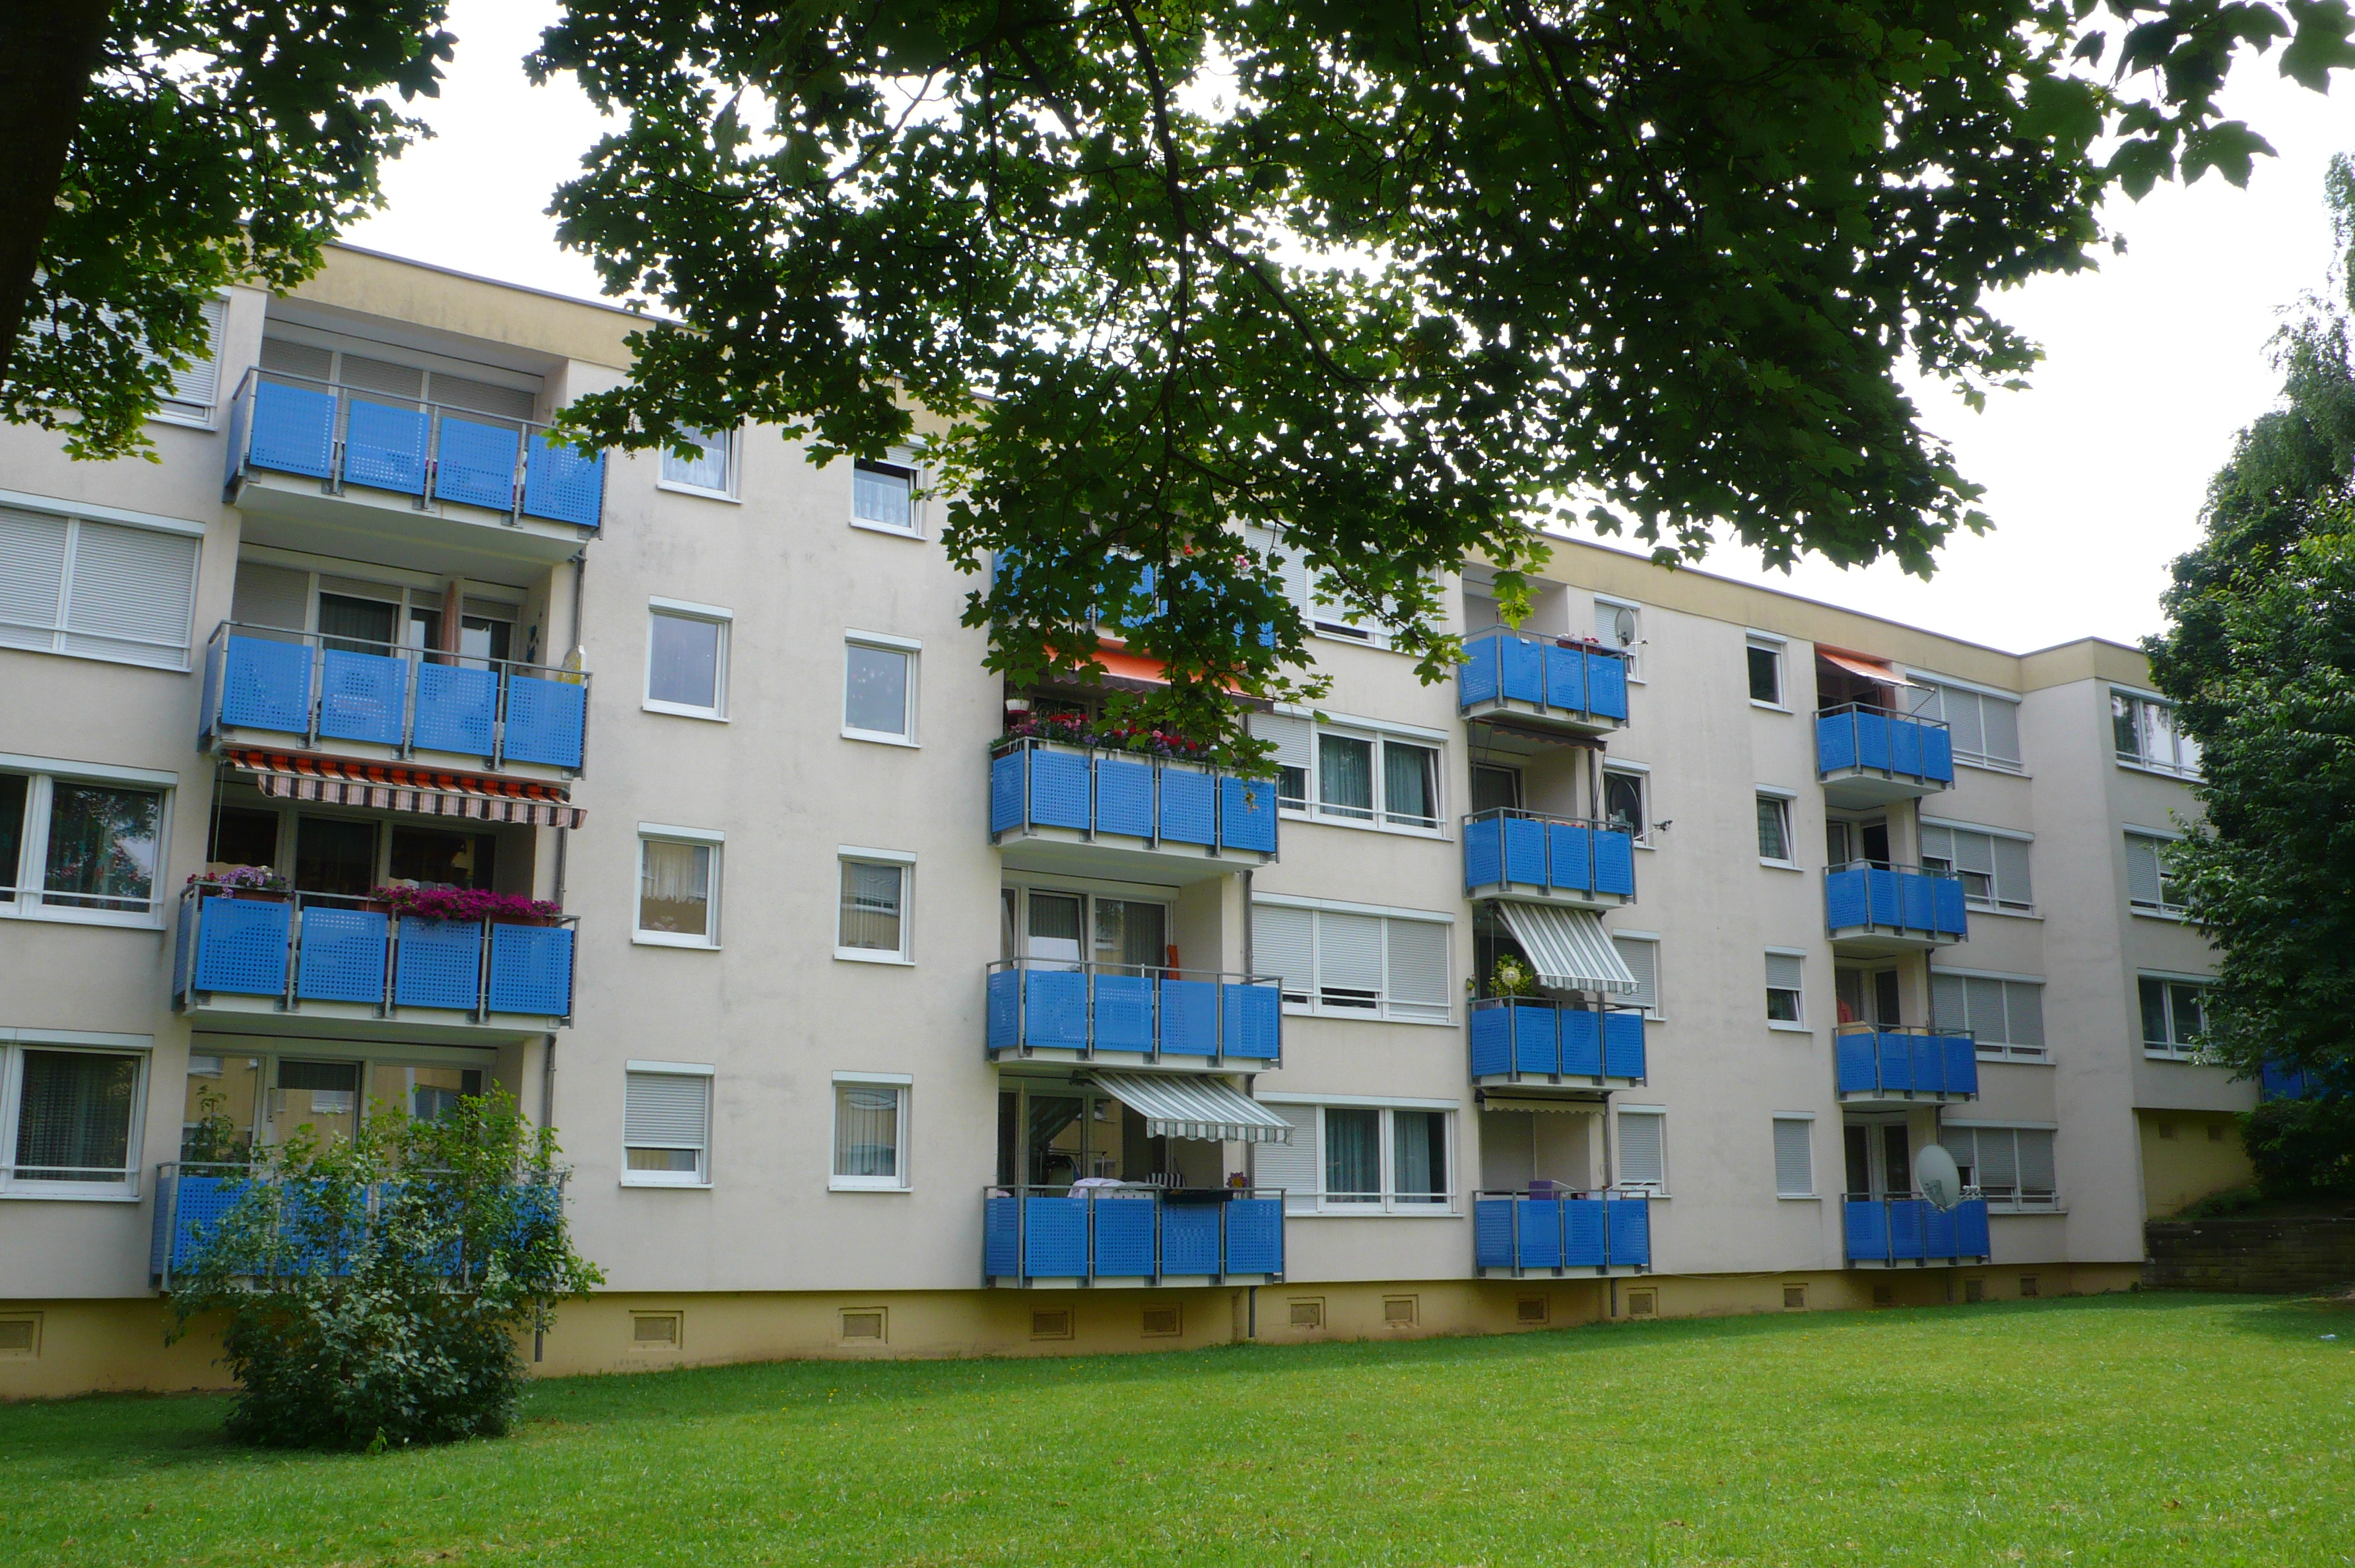 P1000363 - Alle BGW-Häuser